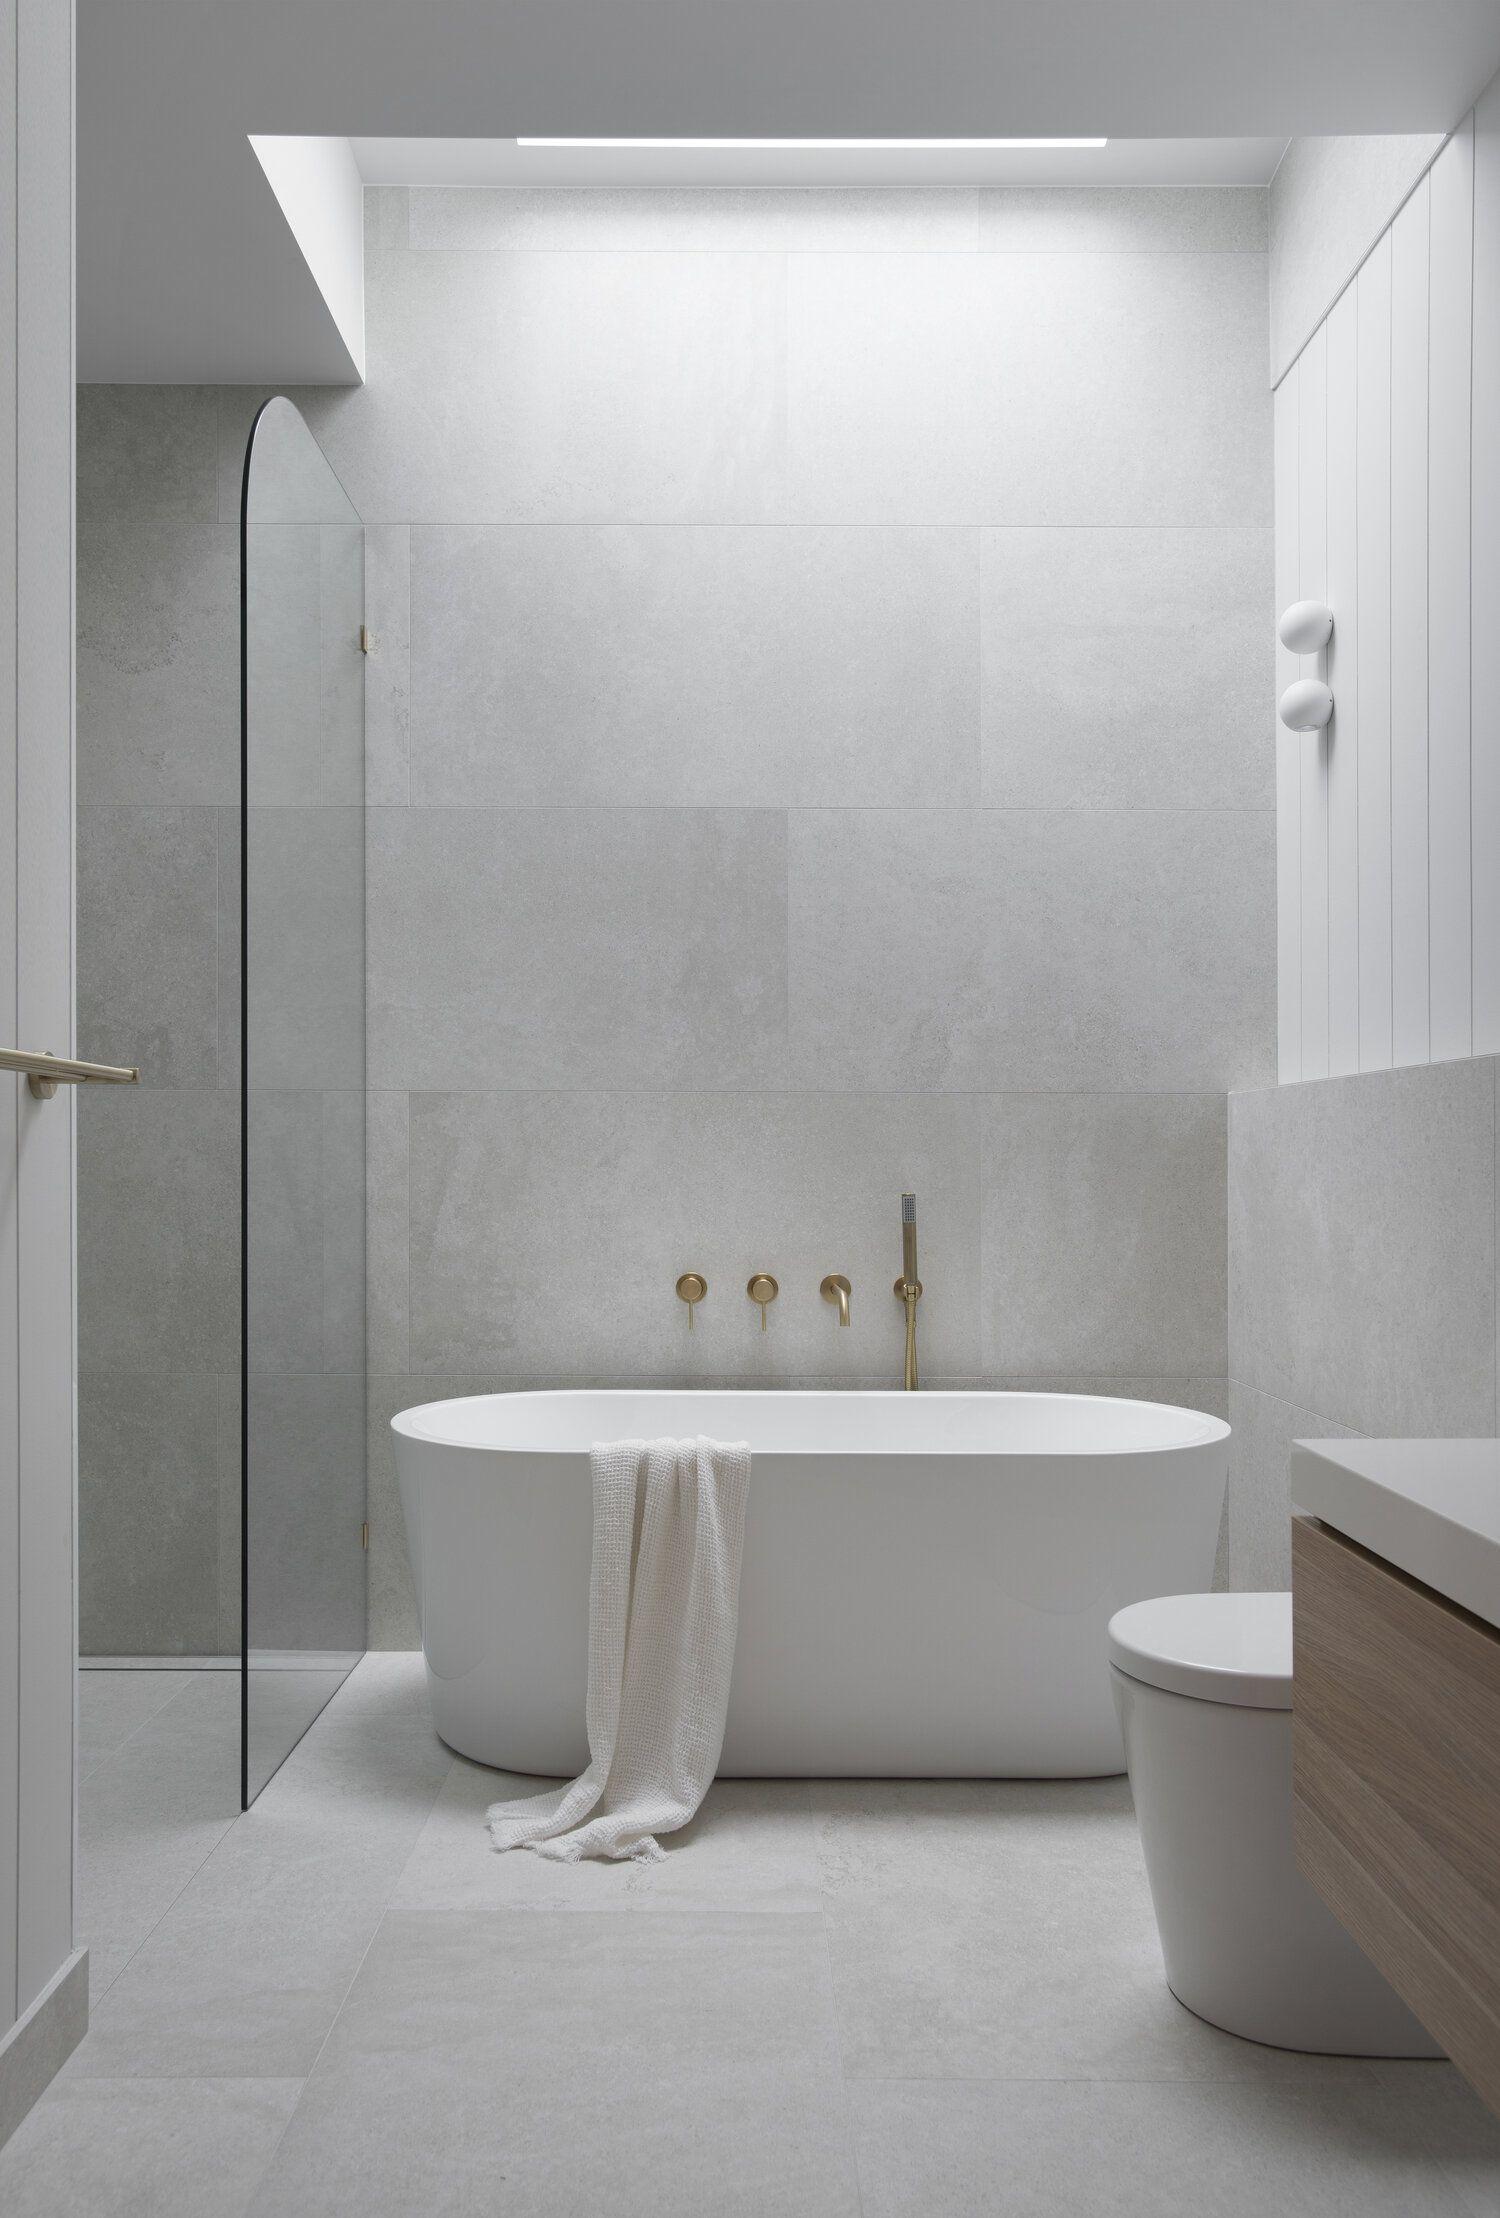 Classic Coastal Bathroom Colour Scheme — Zephyr +